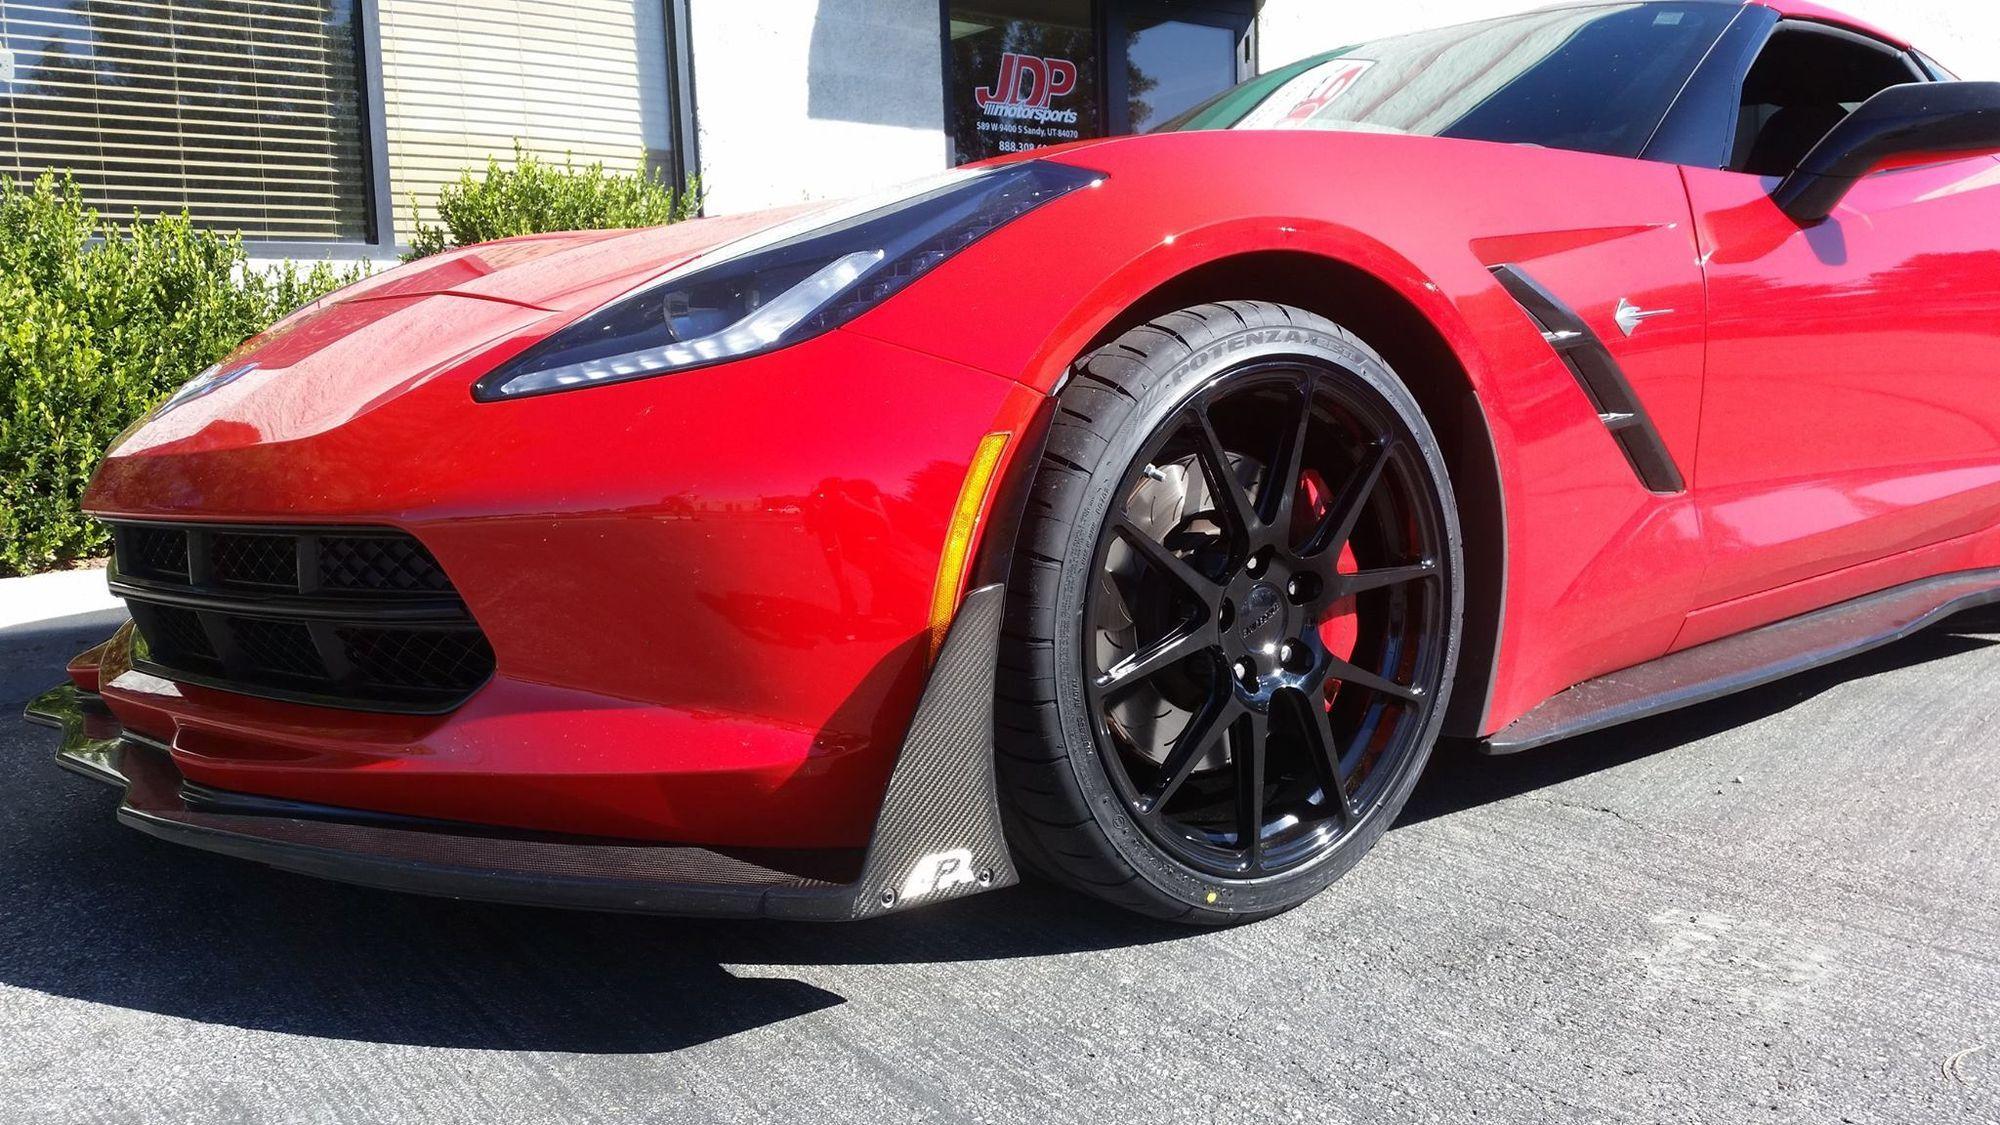 2014 Chevrolet Corvette Stingray | Corvette on Forgeline GA1R Wheels